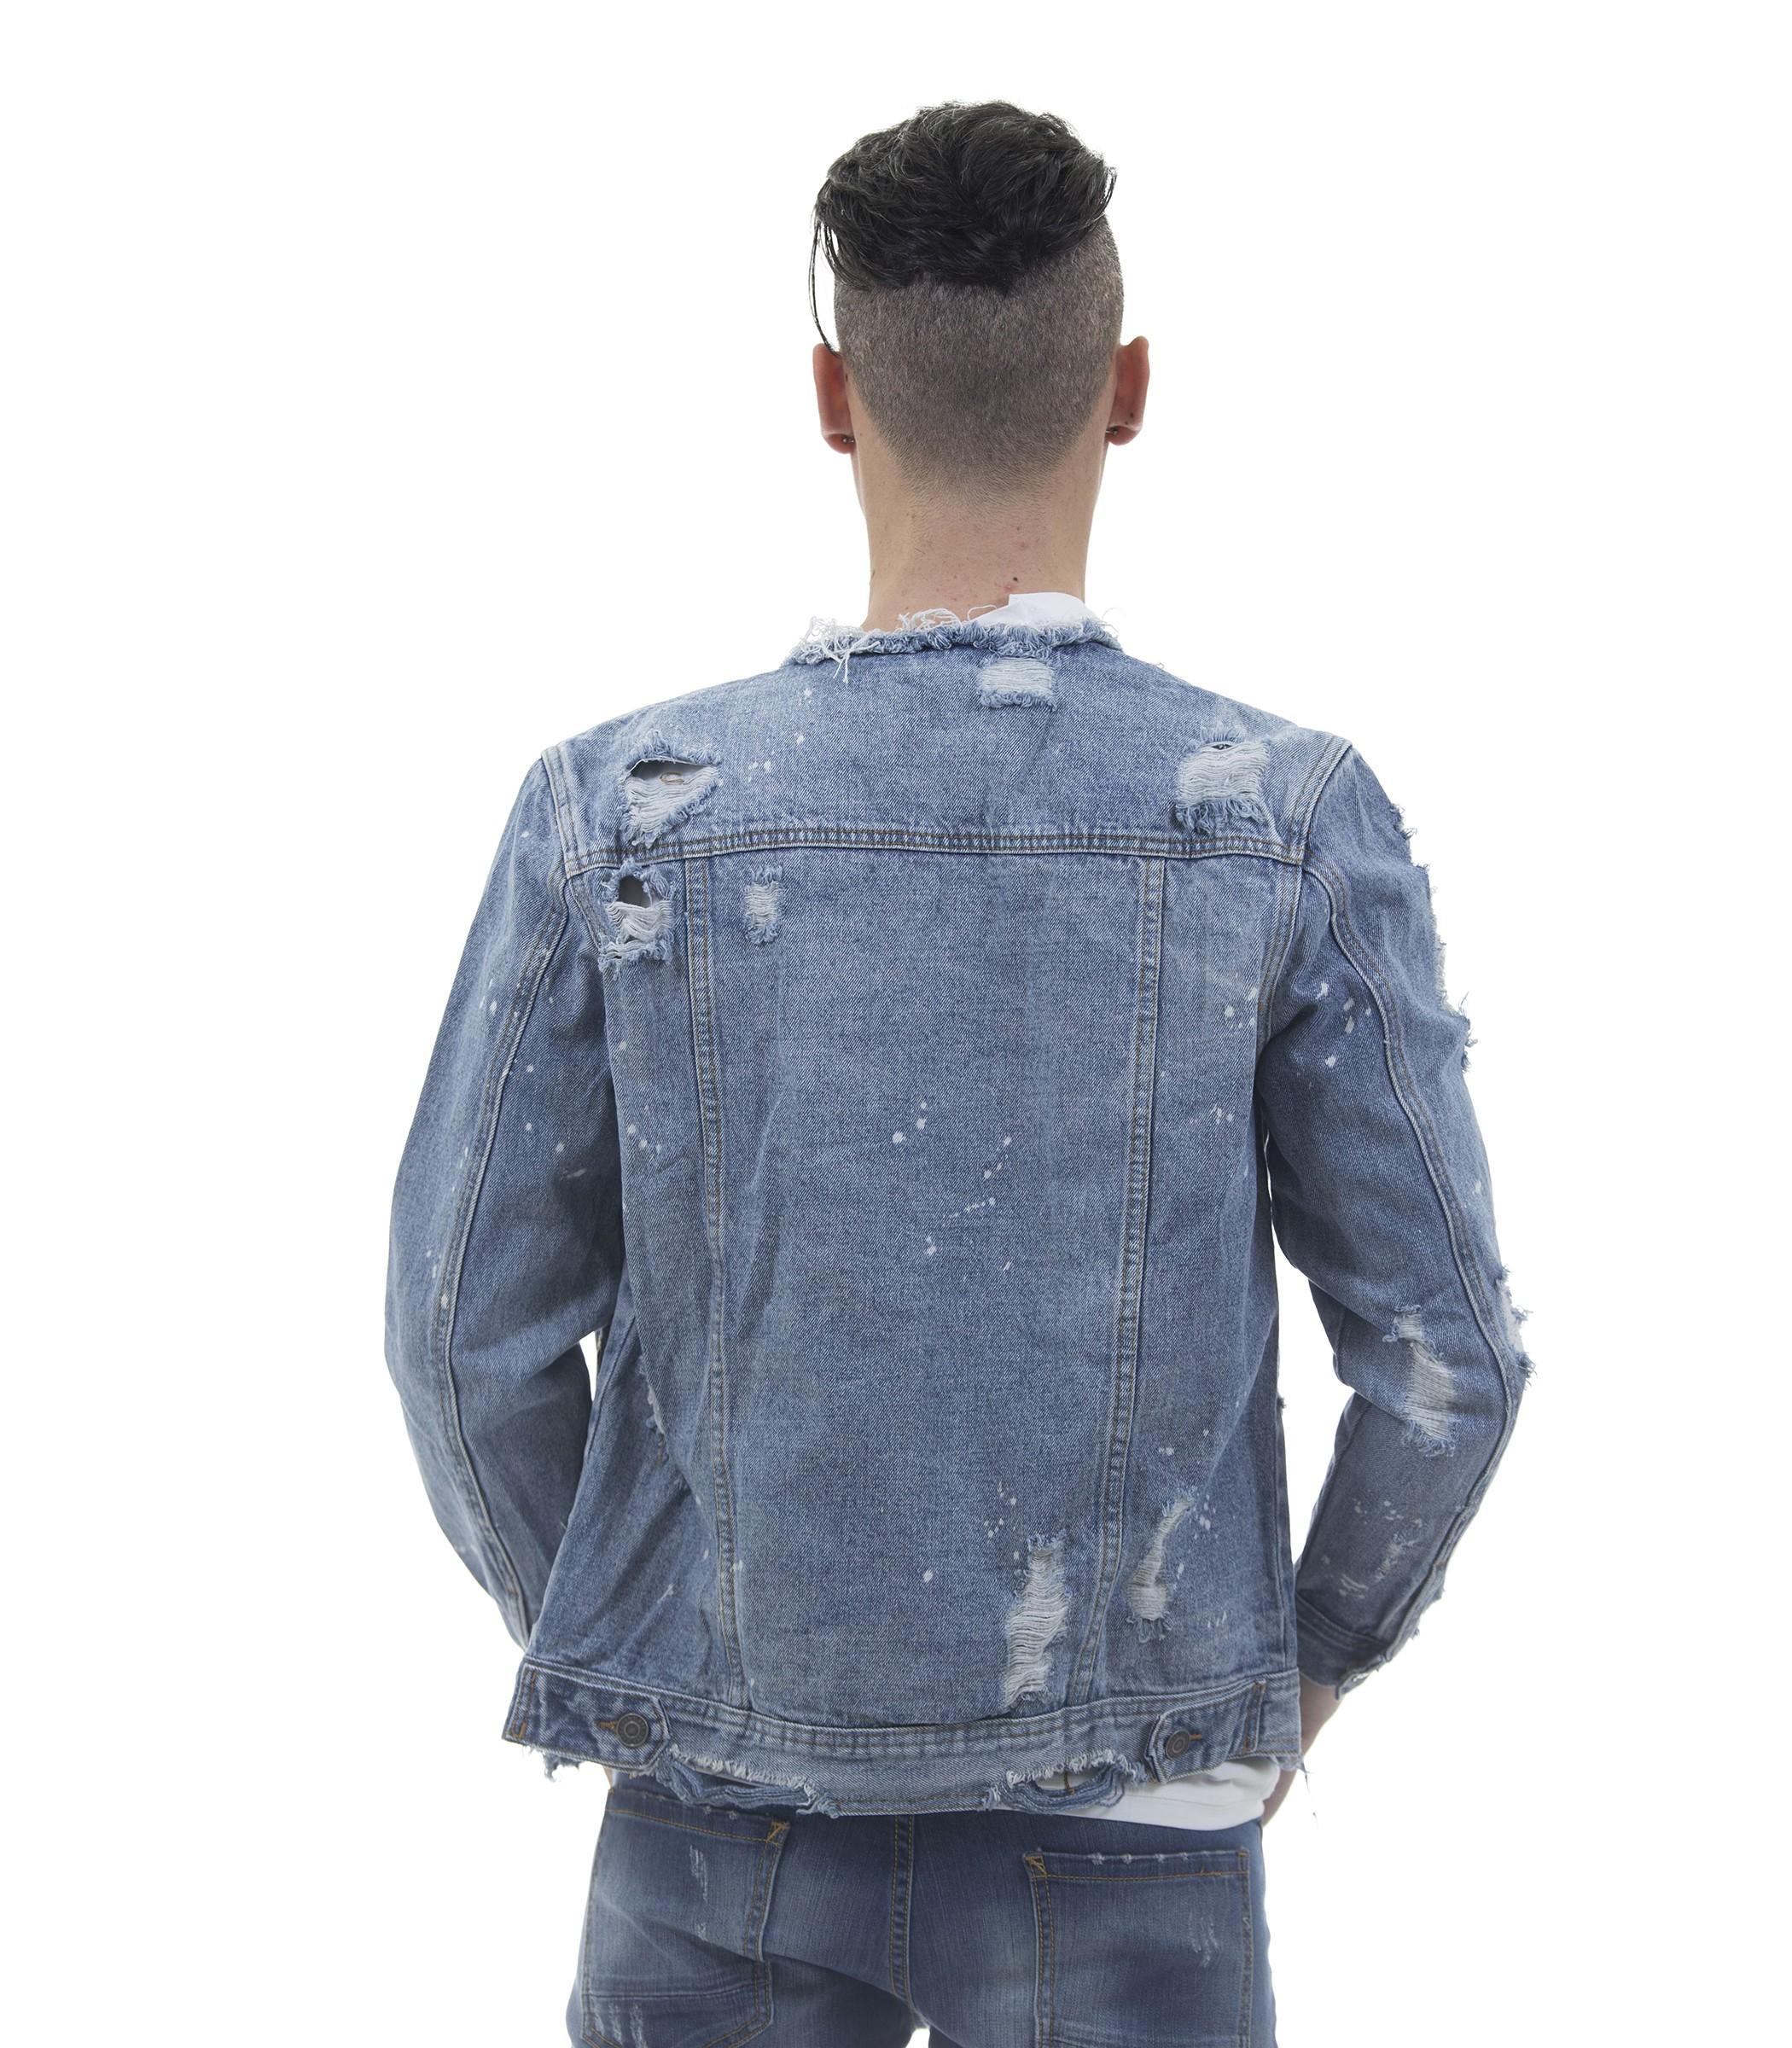 Giubbino jeans uomo 2017